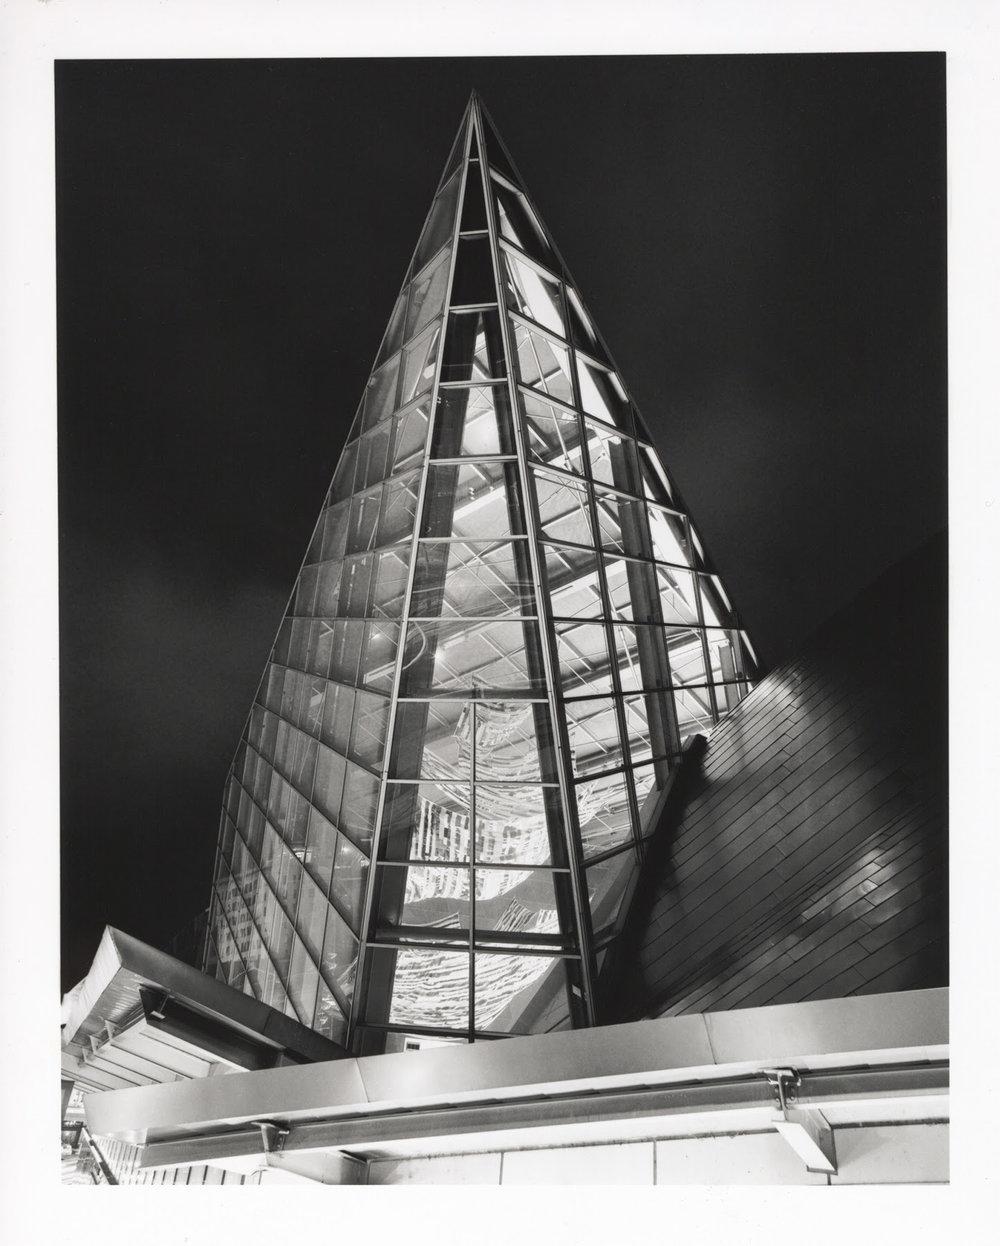 Paul Glover | Taubman Museum | Pentax 645A 45mm